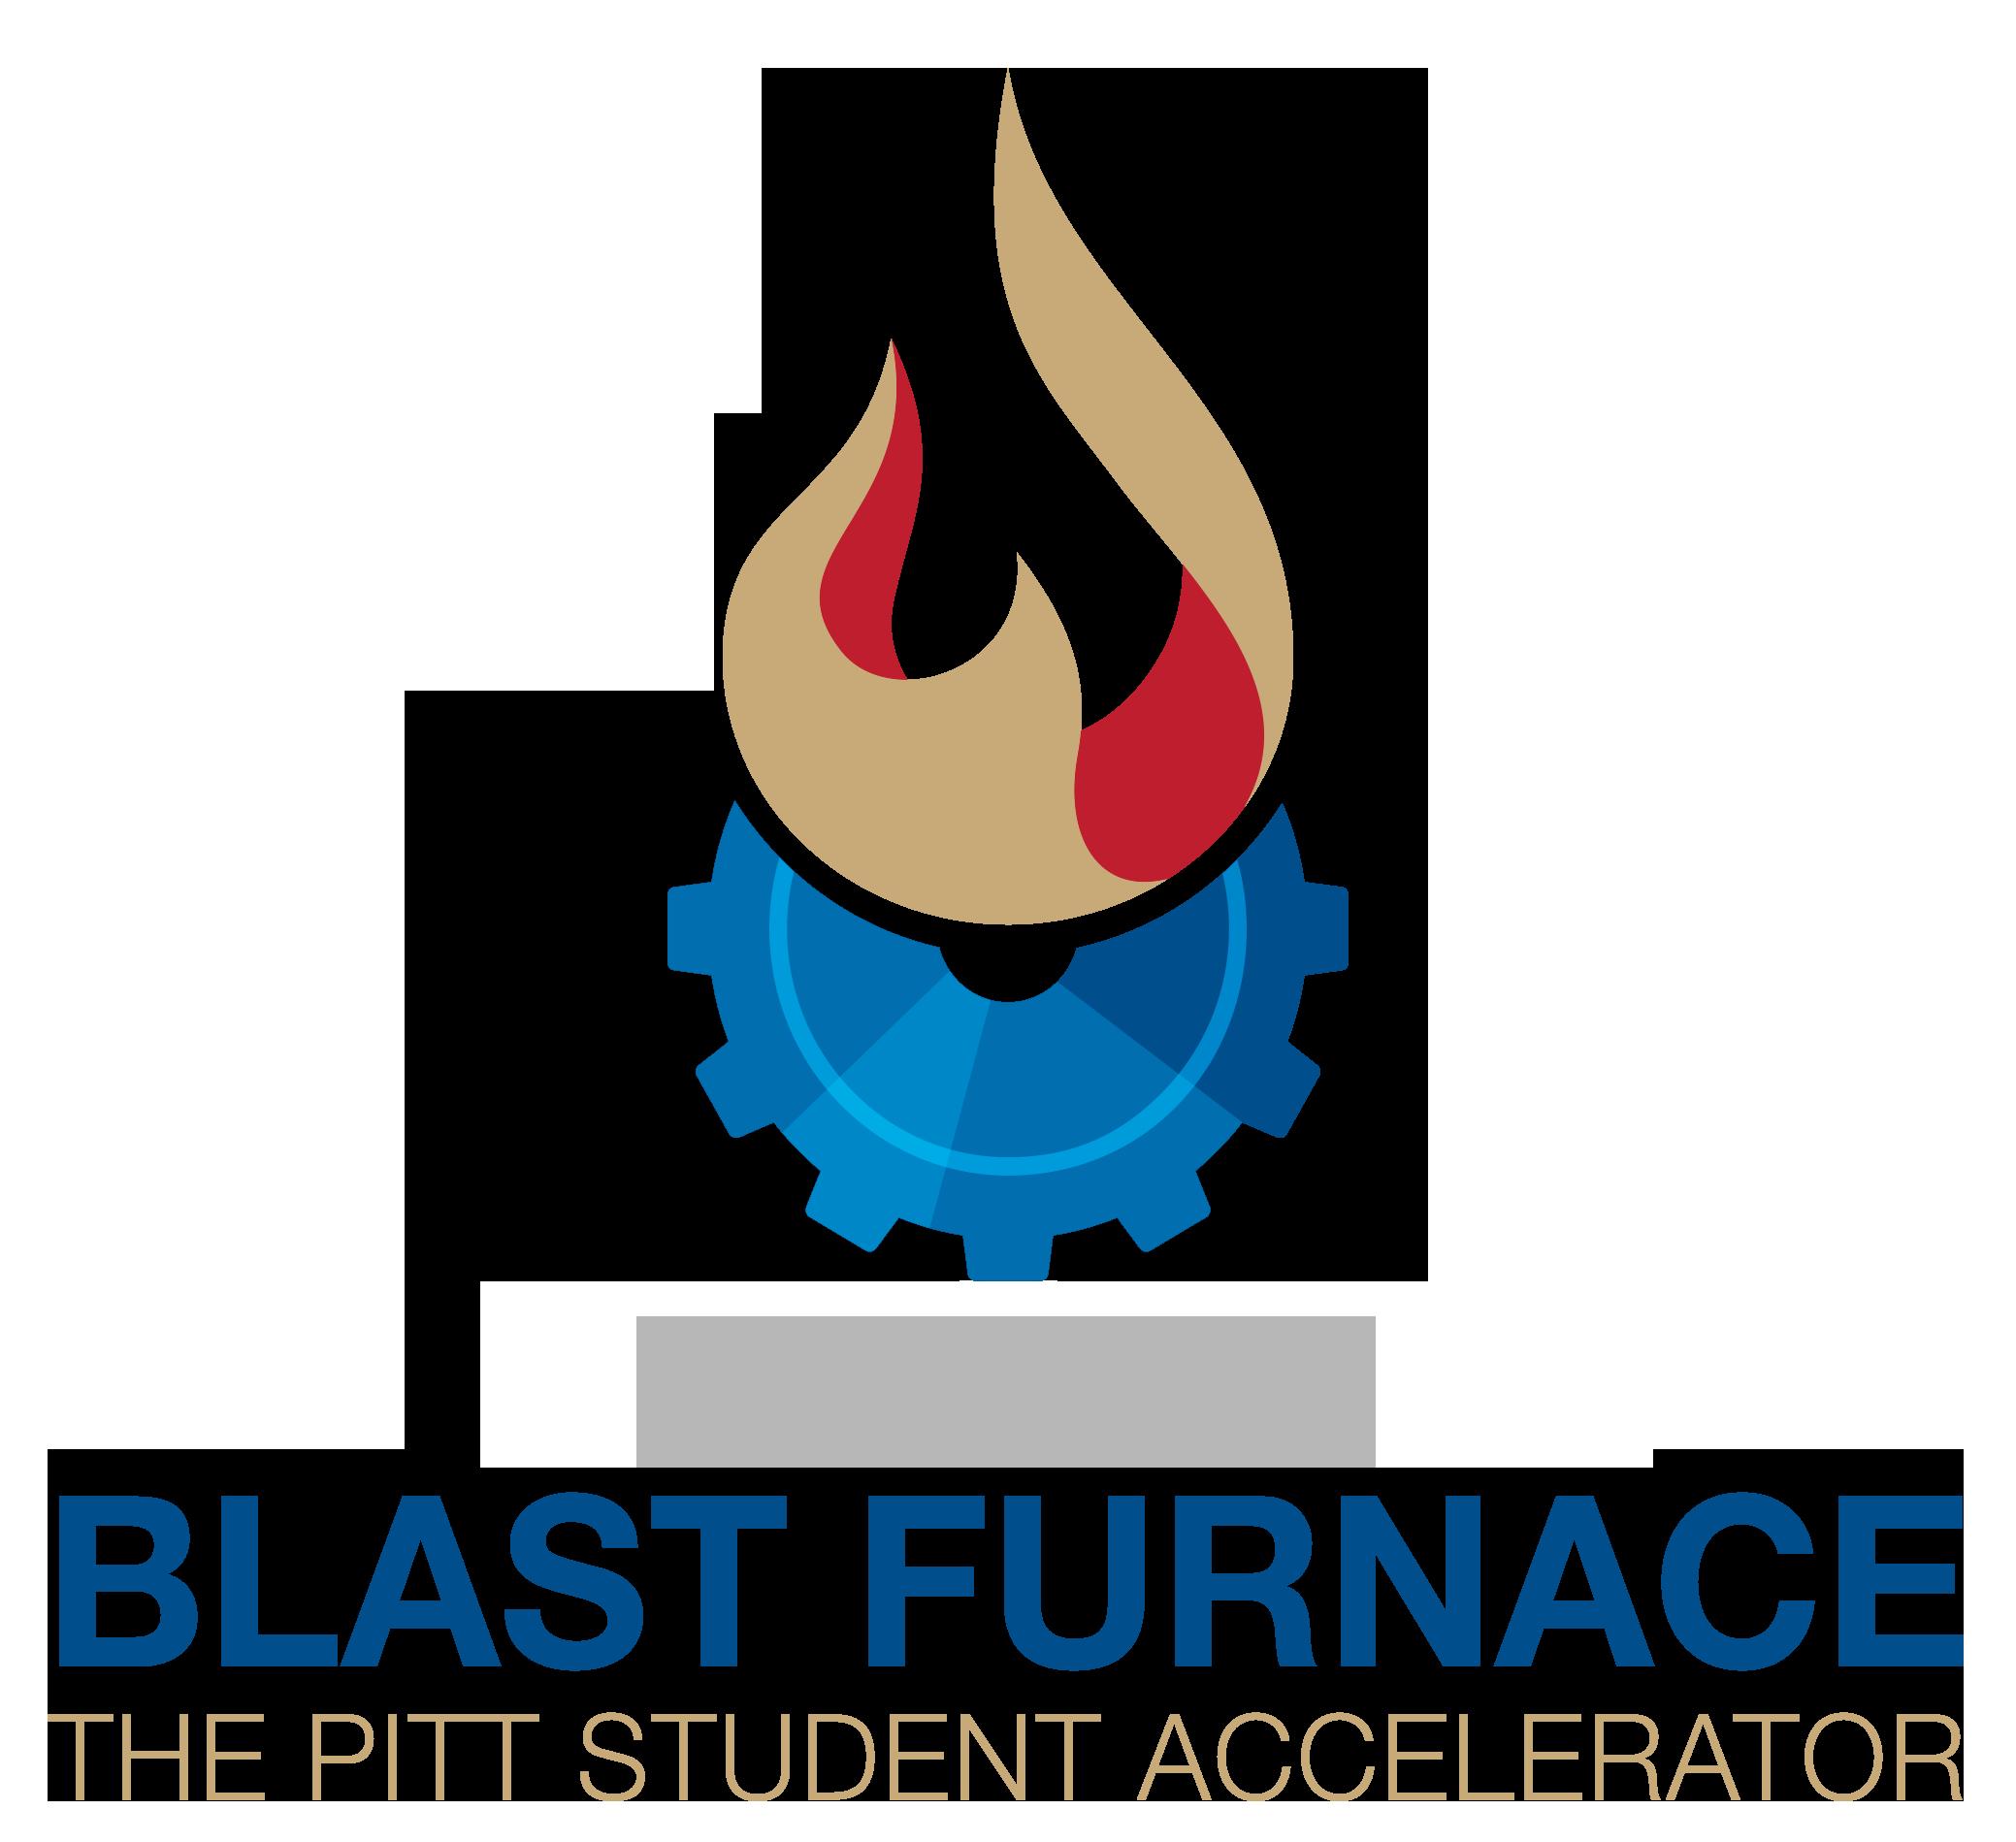 BlastFurnace_logo_red_FINAL_HR.png